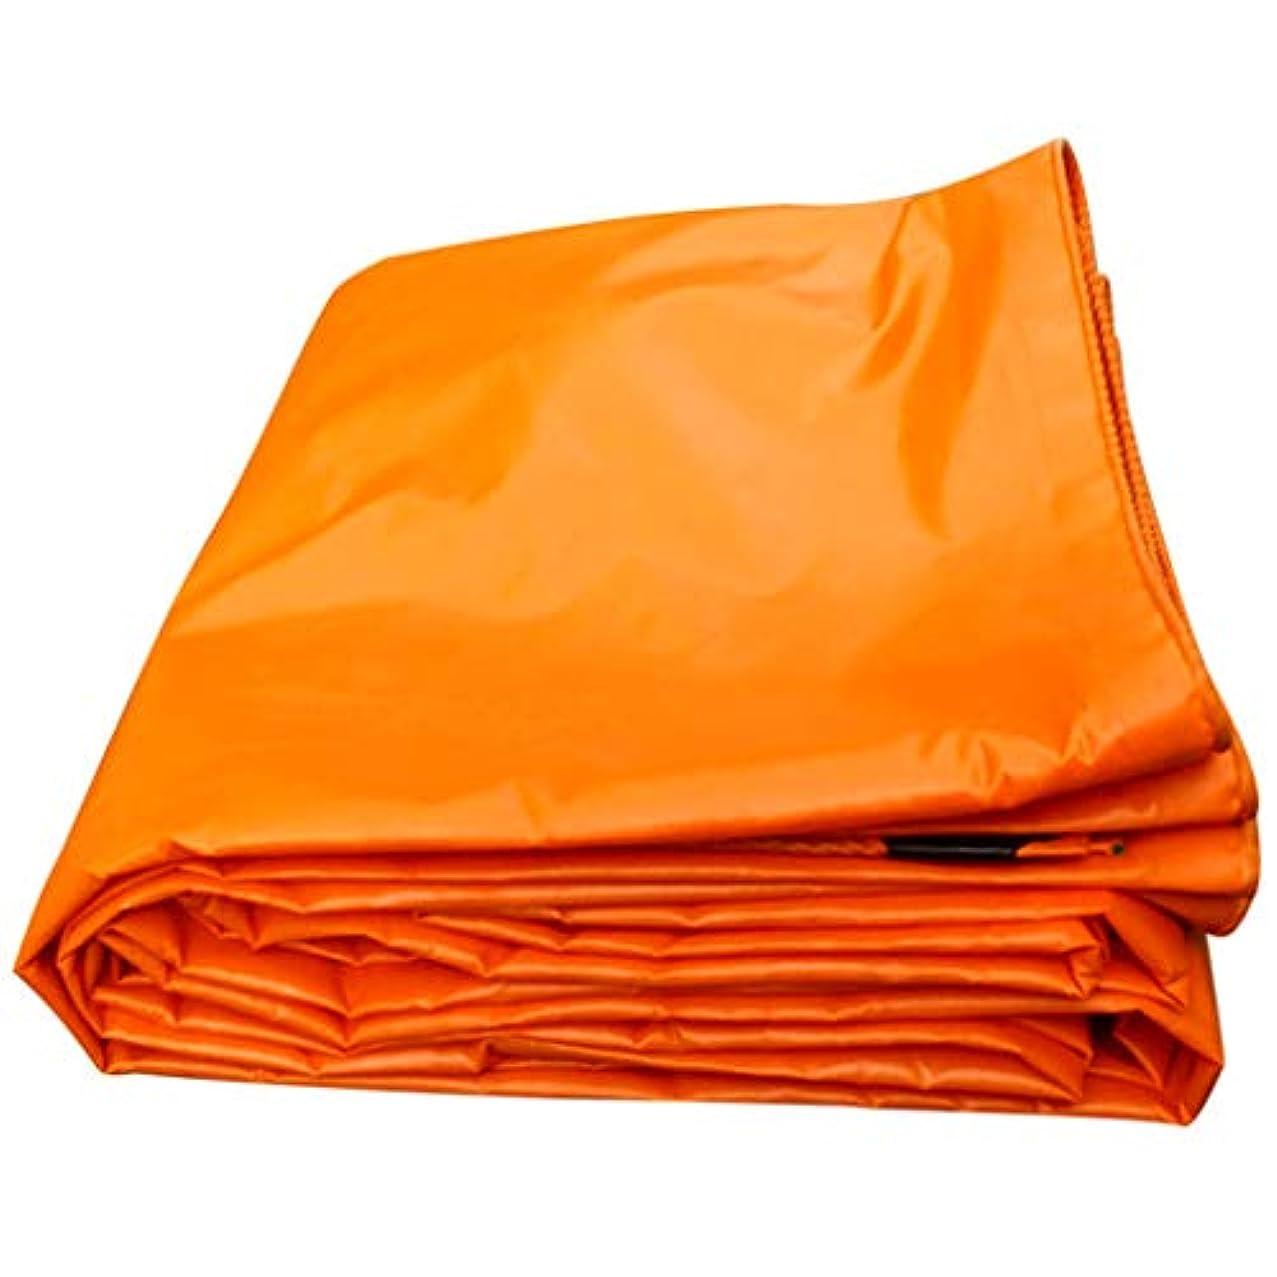 うそつきシビックスクラブタープ 防水シートのプラスチック布ポリ塩化ビニールの物質的な屋外の陰の布の耐久力のある防雨布の紫外線抵抗力があるトラックの防水シートのおおいのキャンバスのポンチョ 防水シート